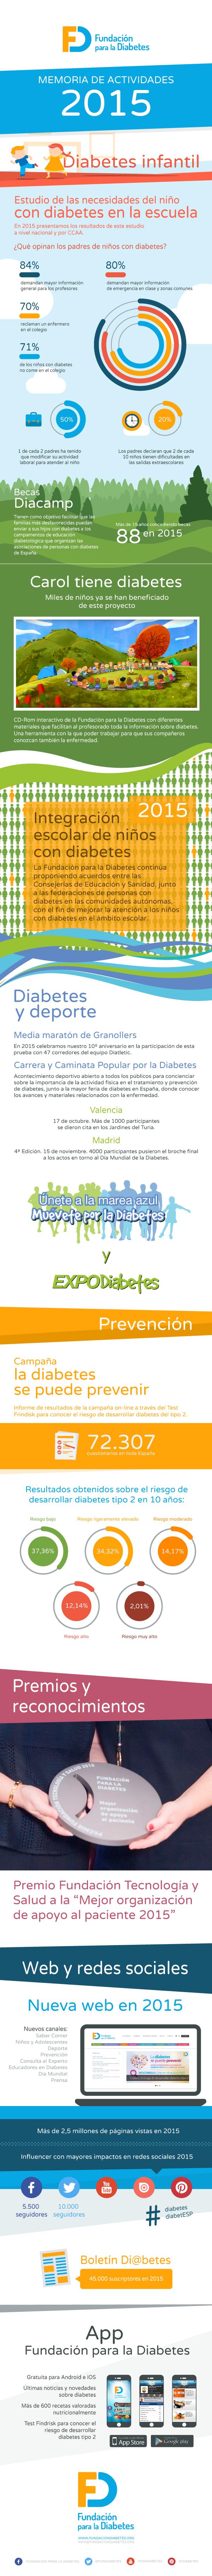 Memoria 2015 de la Fundación para la Diabetes